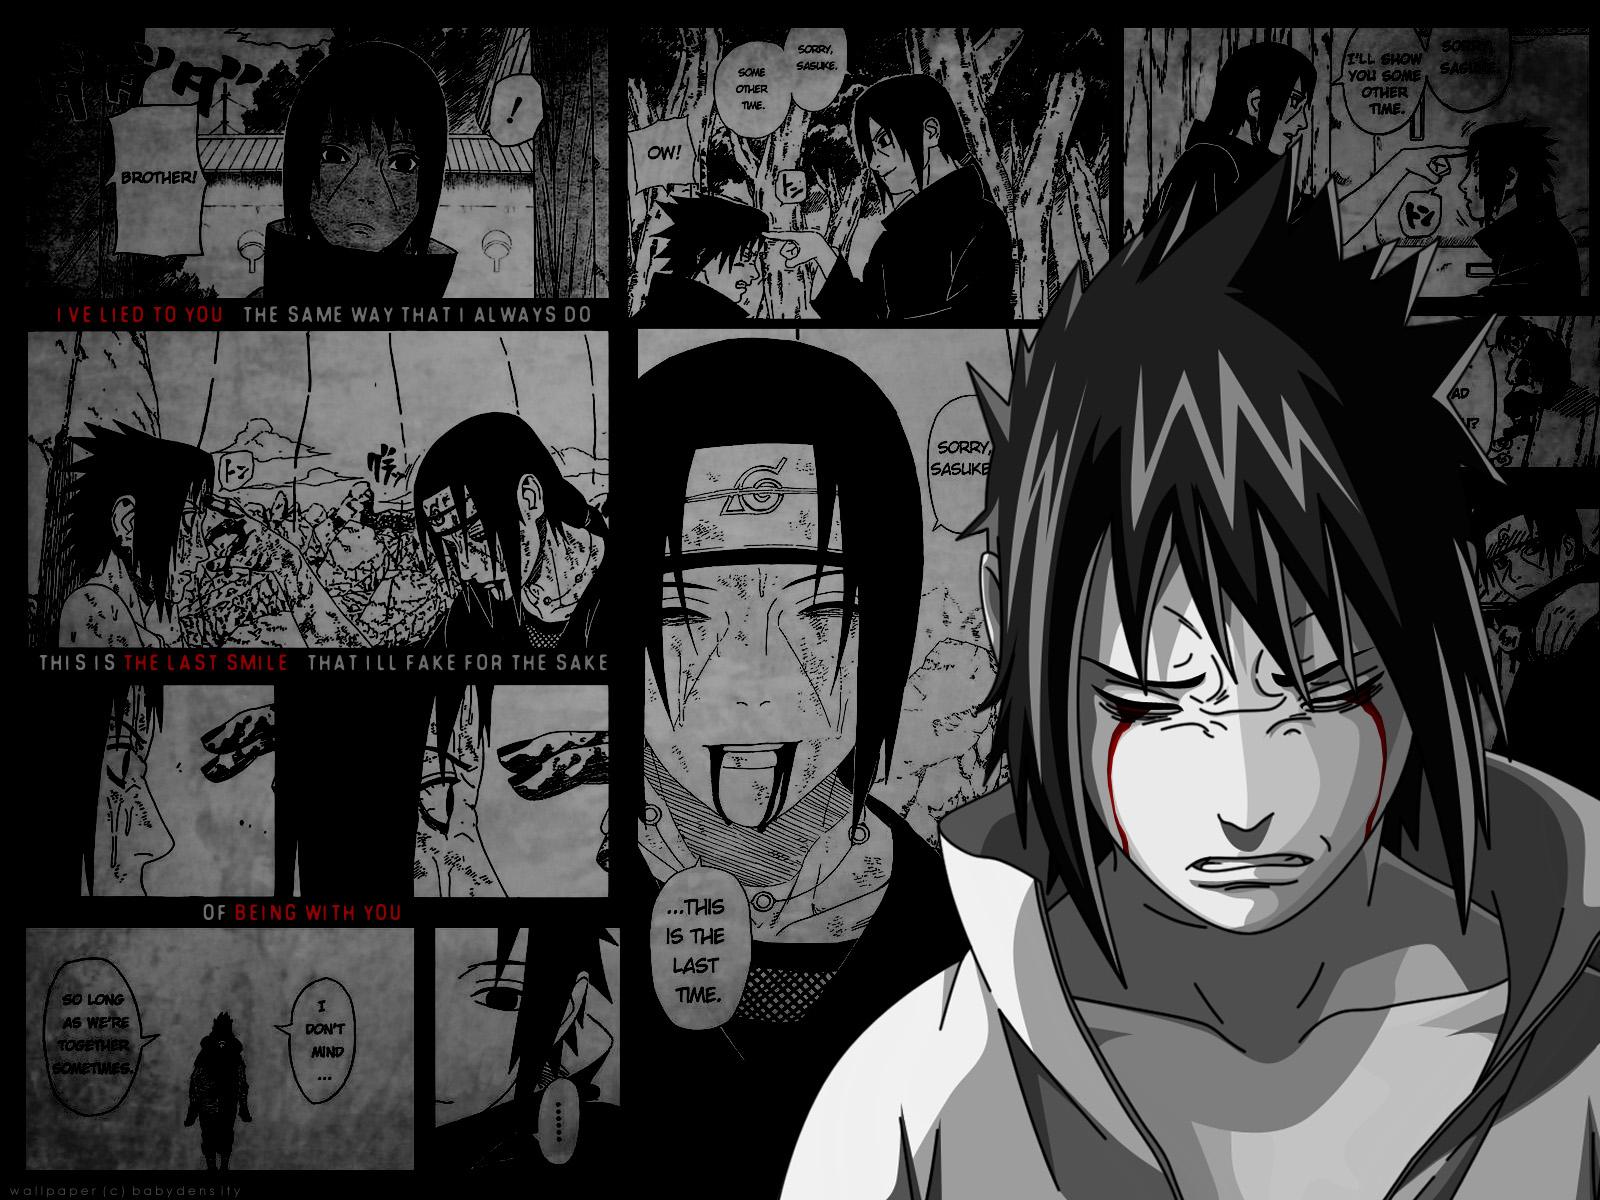 Naruto Wallpaper The Last Time Minitokyo